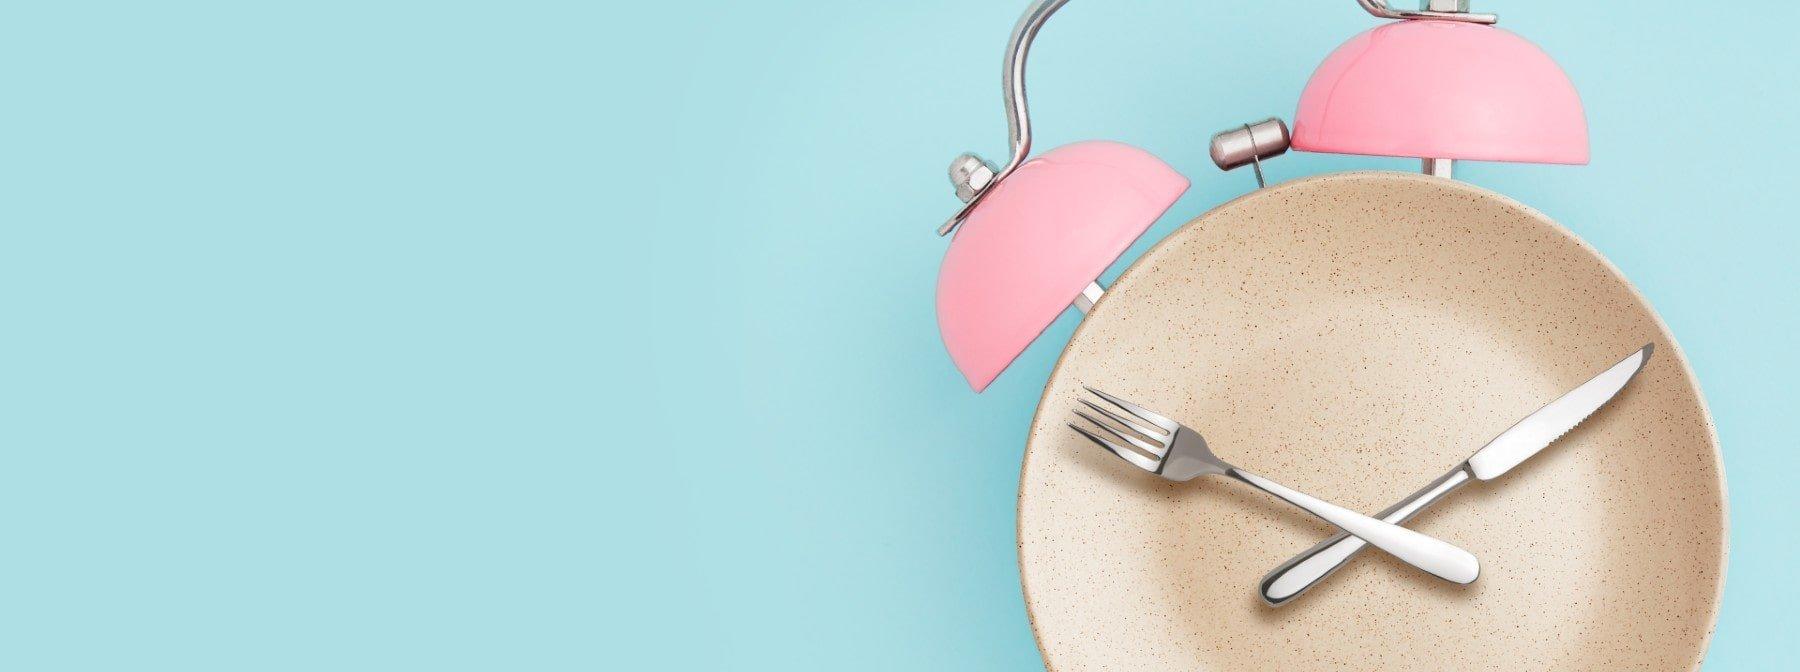 Time Restricted Eating | Was ist das? Wie funktioniert es & was sind die Vorteile?